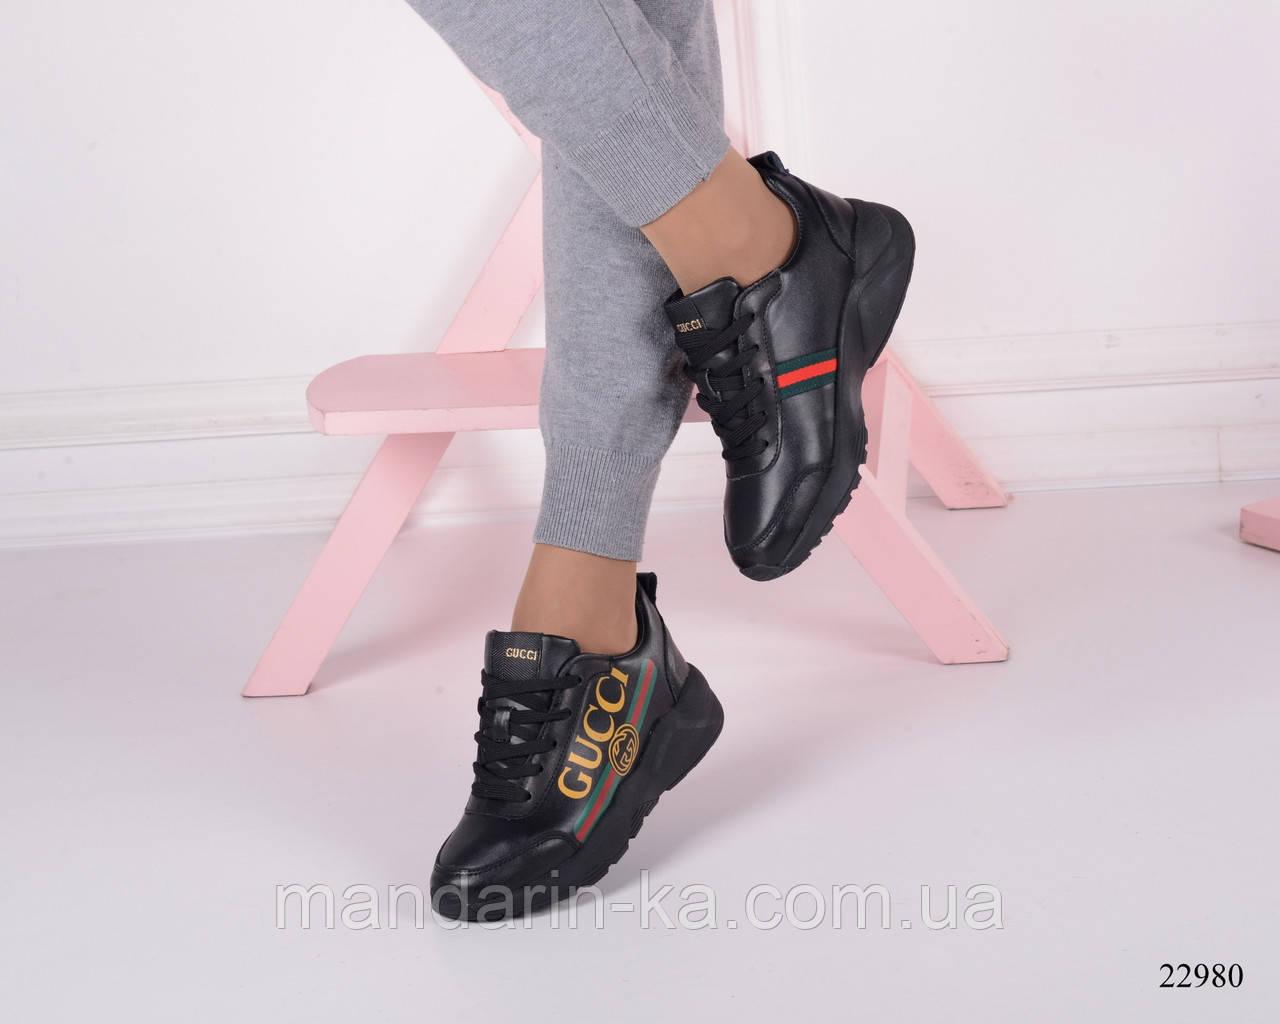 Женские кроссовки Gucci Гуччи  (реплика)